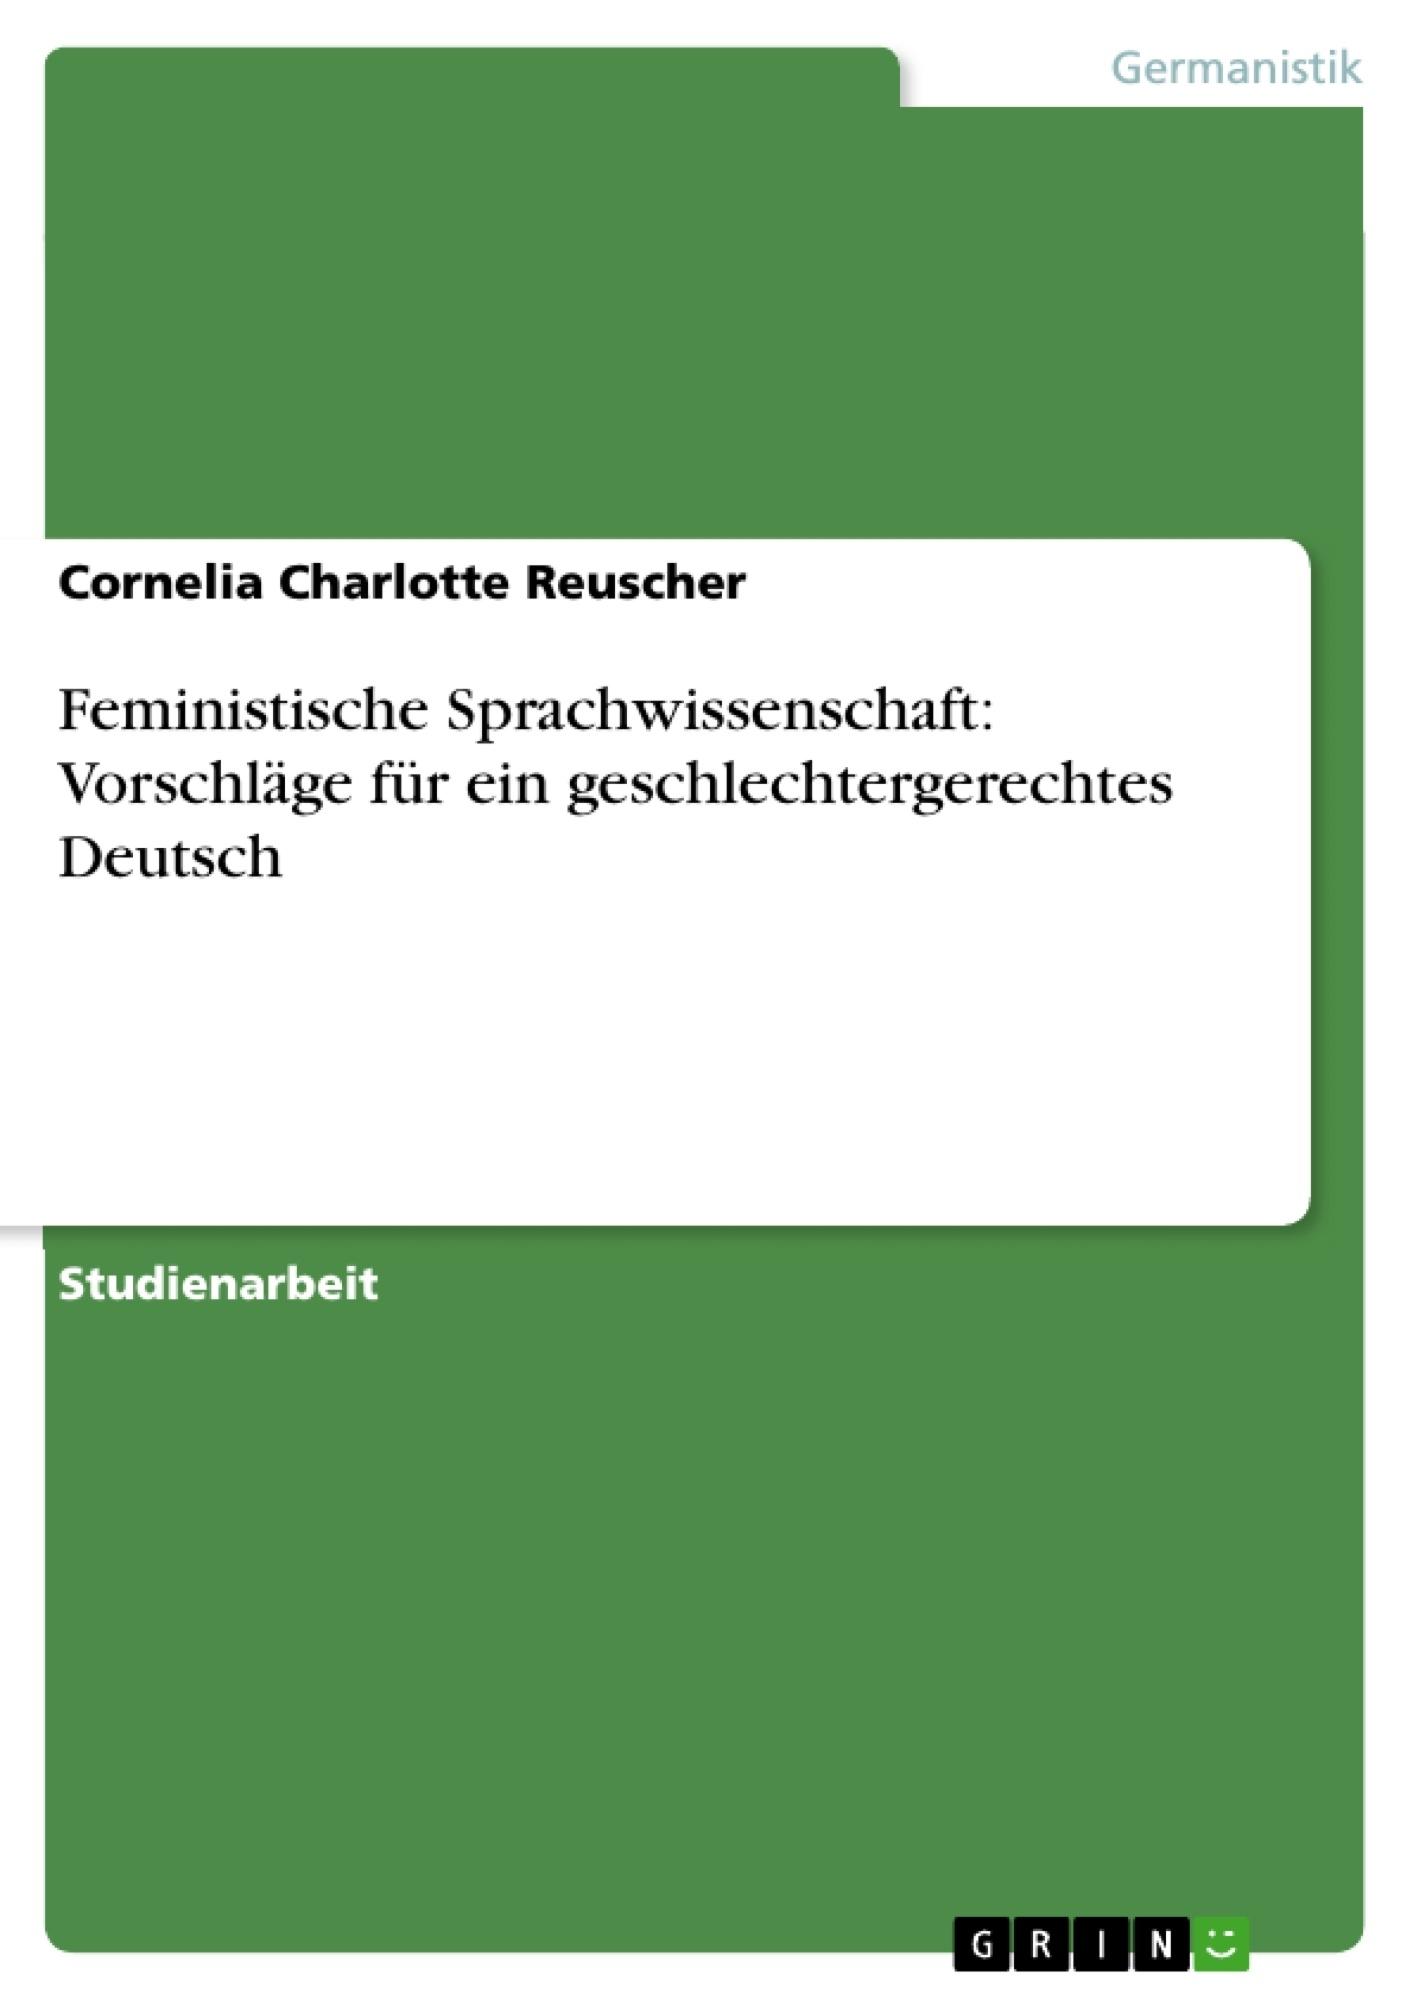 Titel: Feministische Sprachwissenschaft: Vorschläge für ein geschlechtergerechtes Deutsch